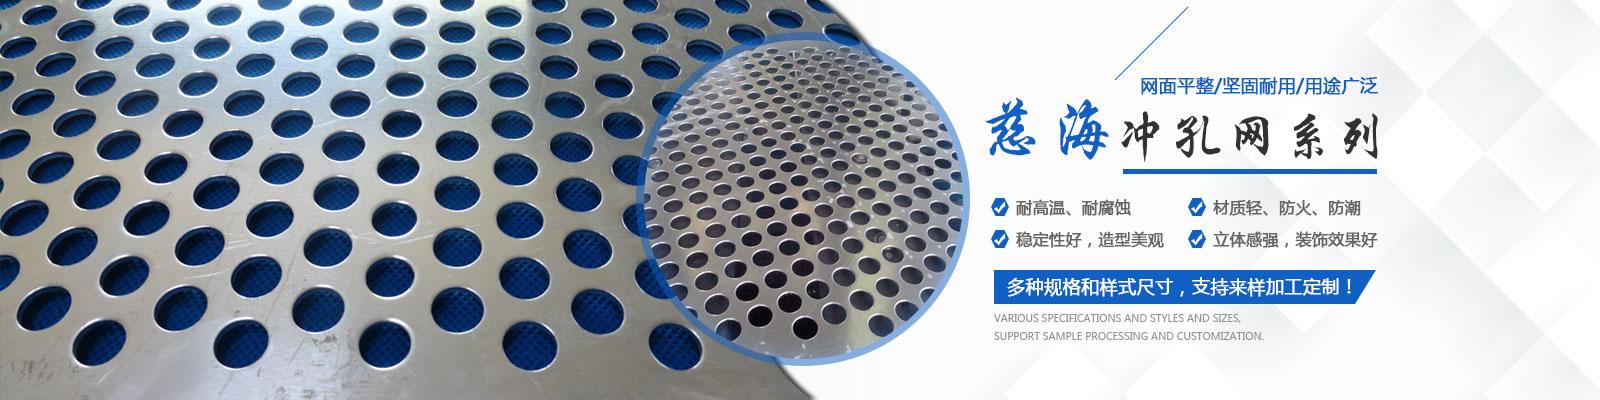 安平县慈海数控冲孔丝网制品厂